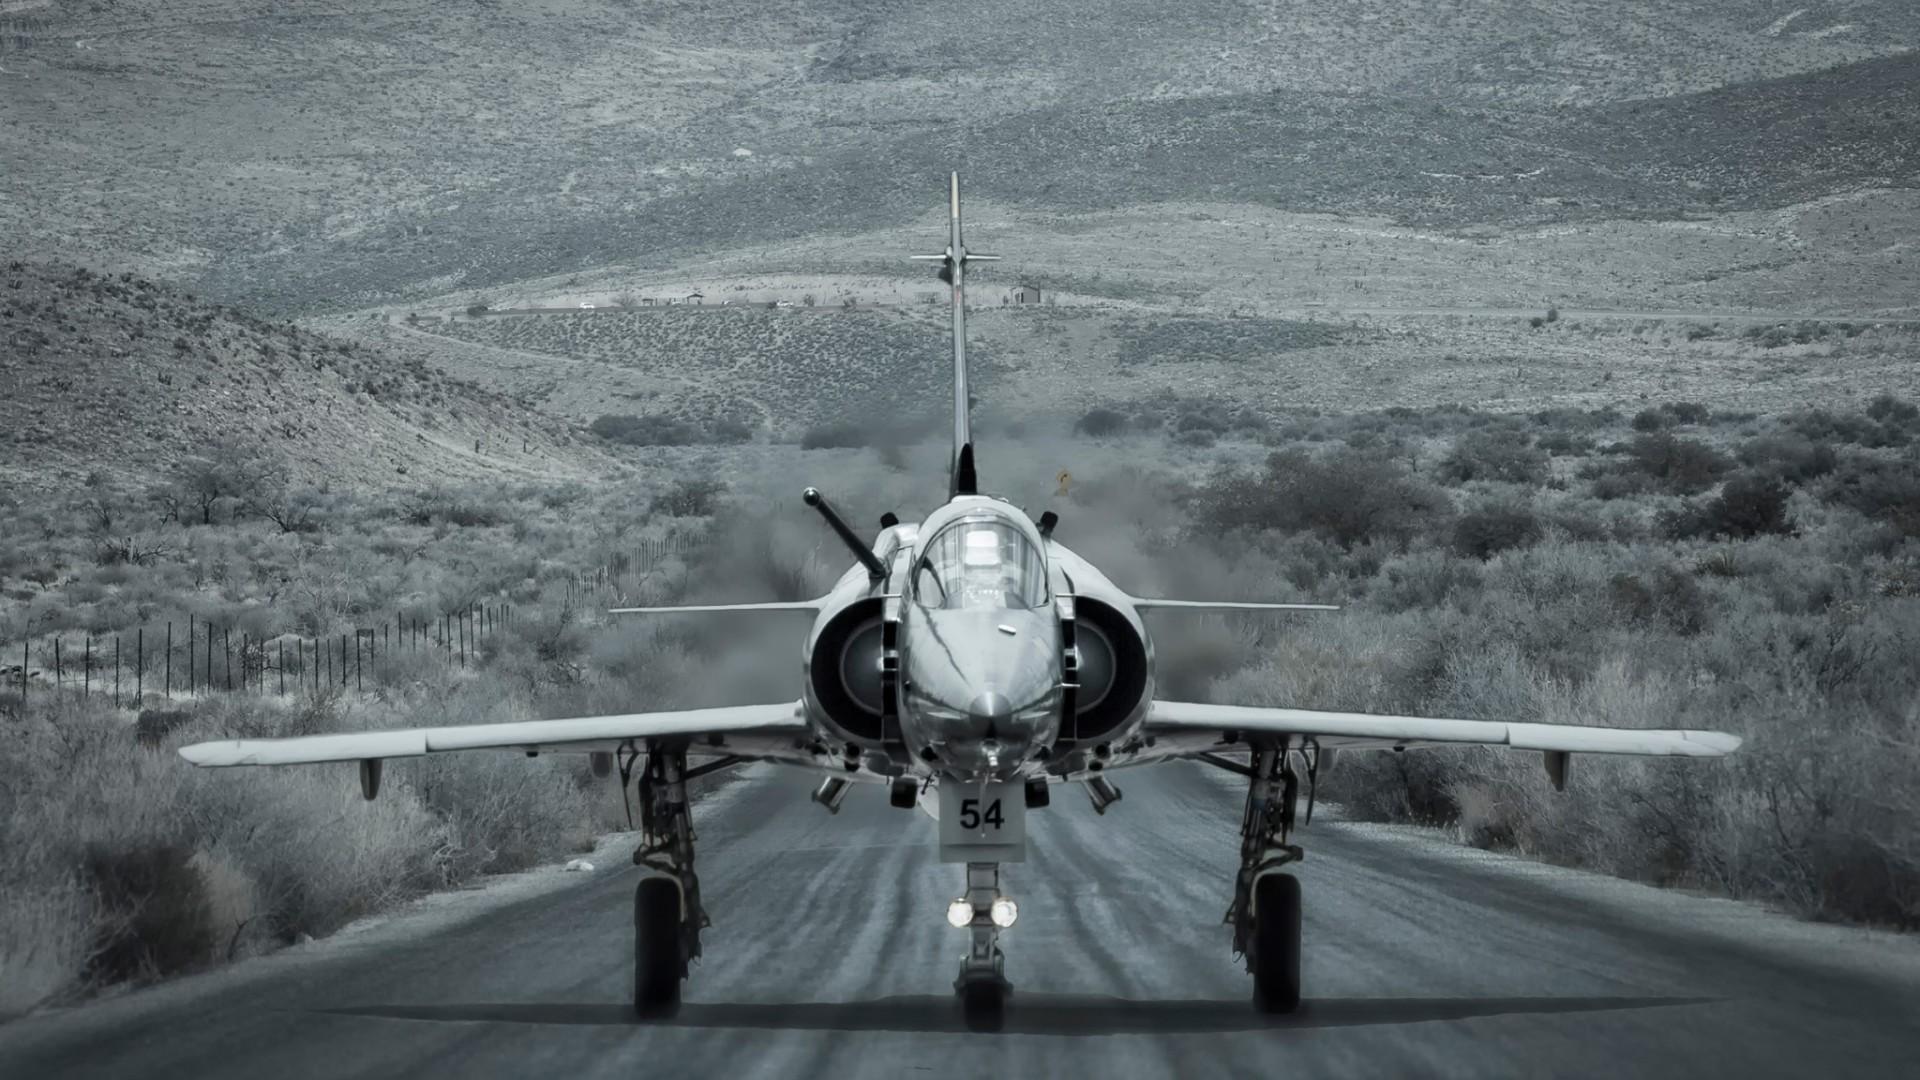 Обои Самолёт, Mirage 2000. Авиация foto 16